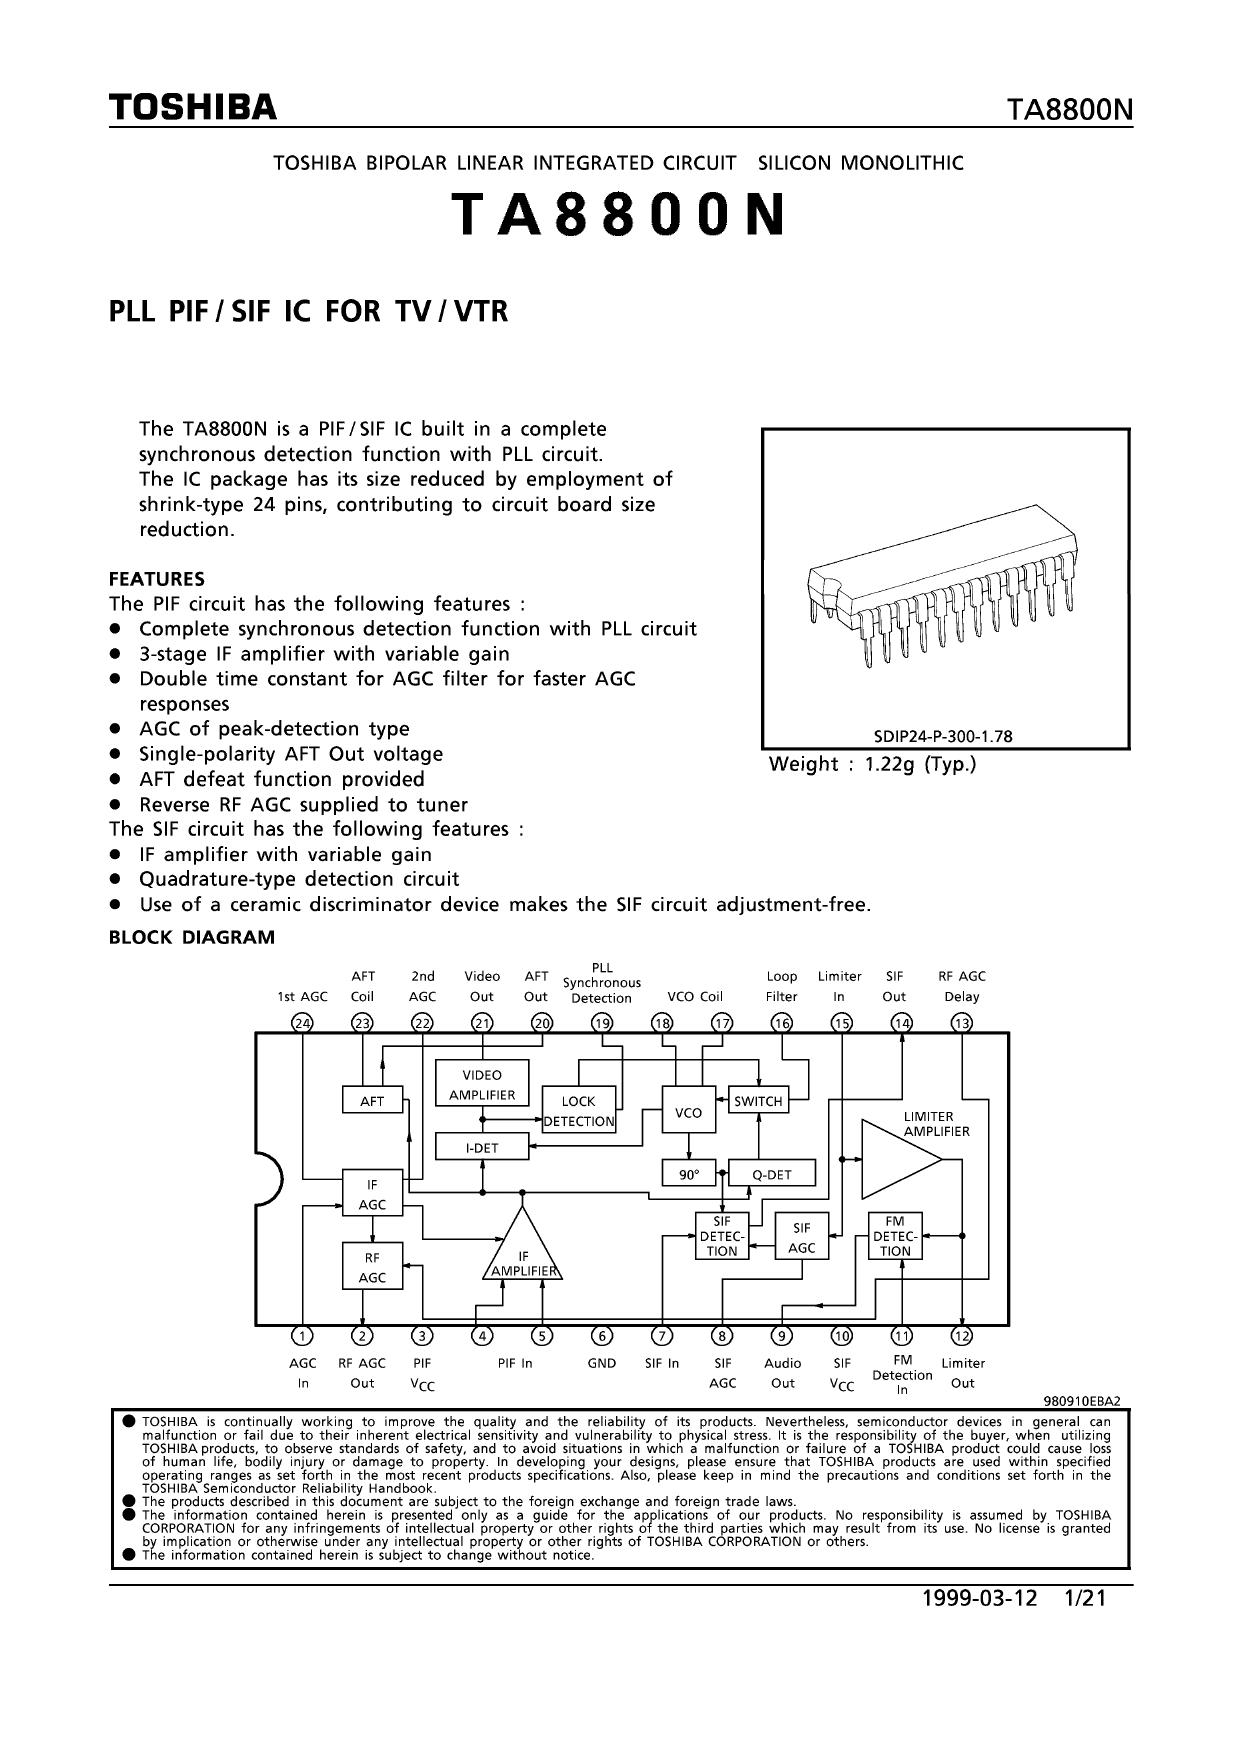 TA8800N datasheet